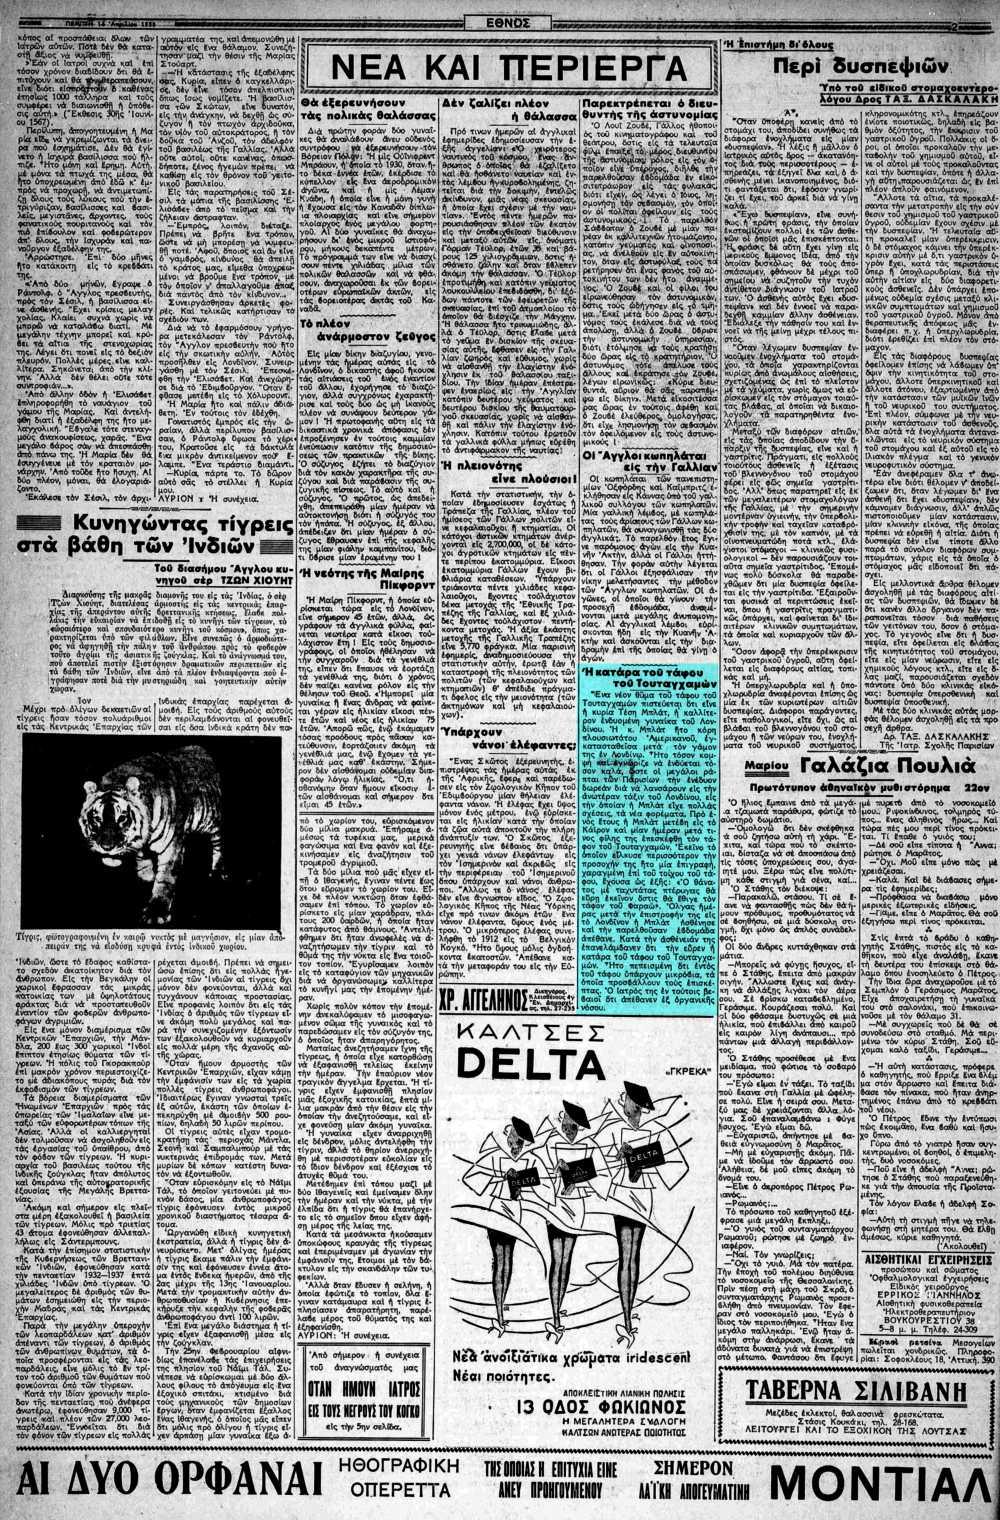 """Το άρθρο, όπως δημοσιεύθηκε στην εφημερίδα """"ΕΘΝΟΣ"""", στις 14/04/1938"""